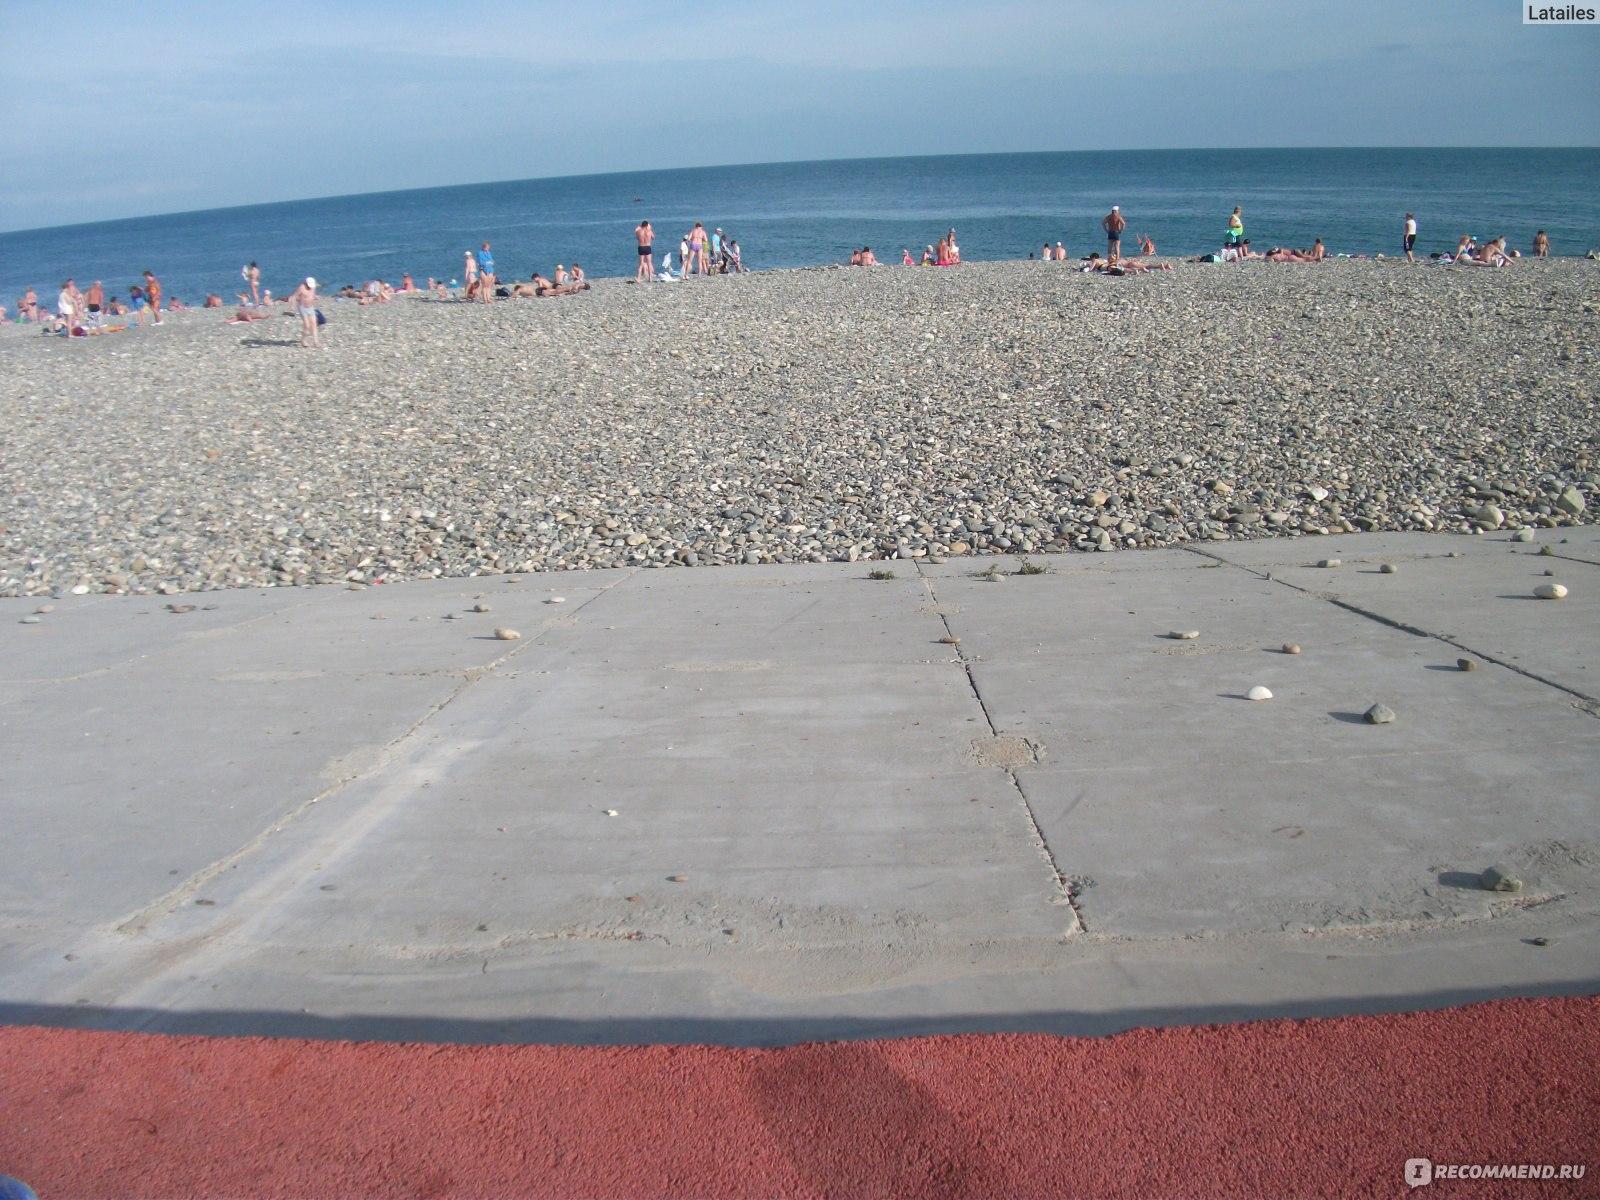 Совхоз россия адлер фото пляжа